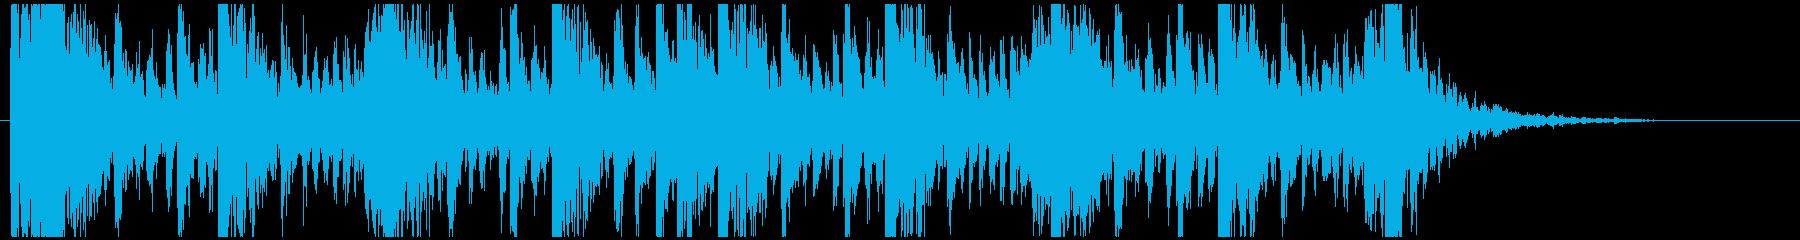 和太鼓のリズム2 残響なしBPM160の再生済みの波形